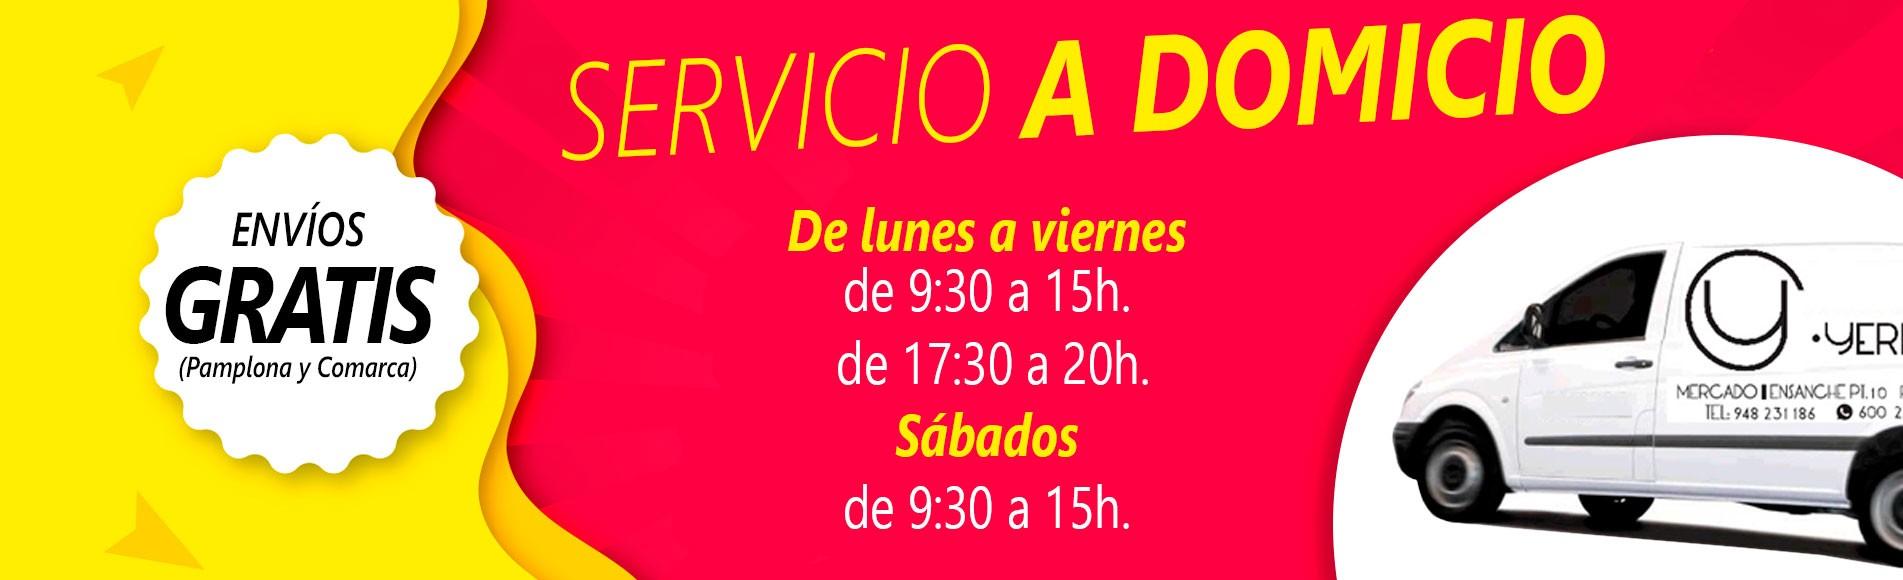 Servicio a domicilio gratuito en Pamplona